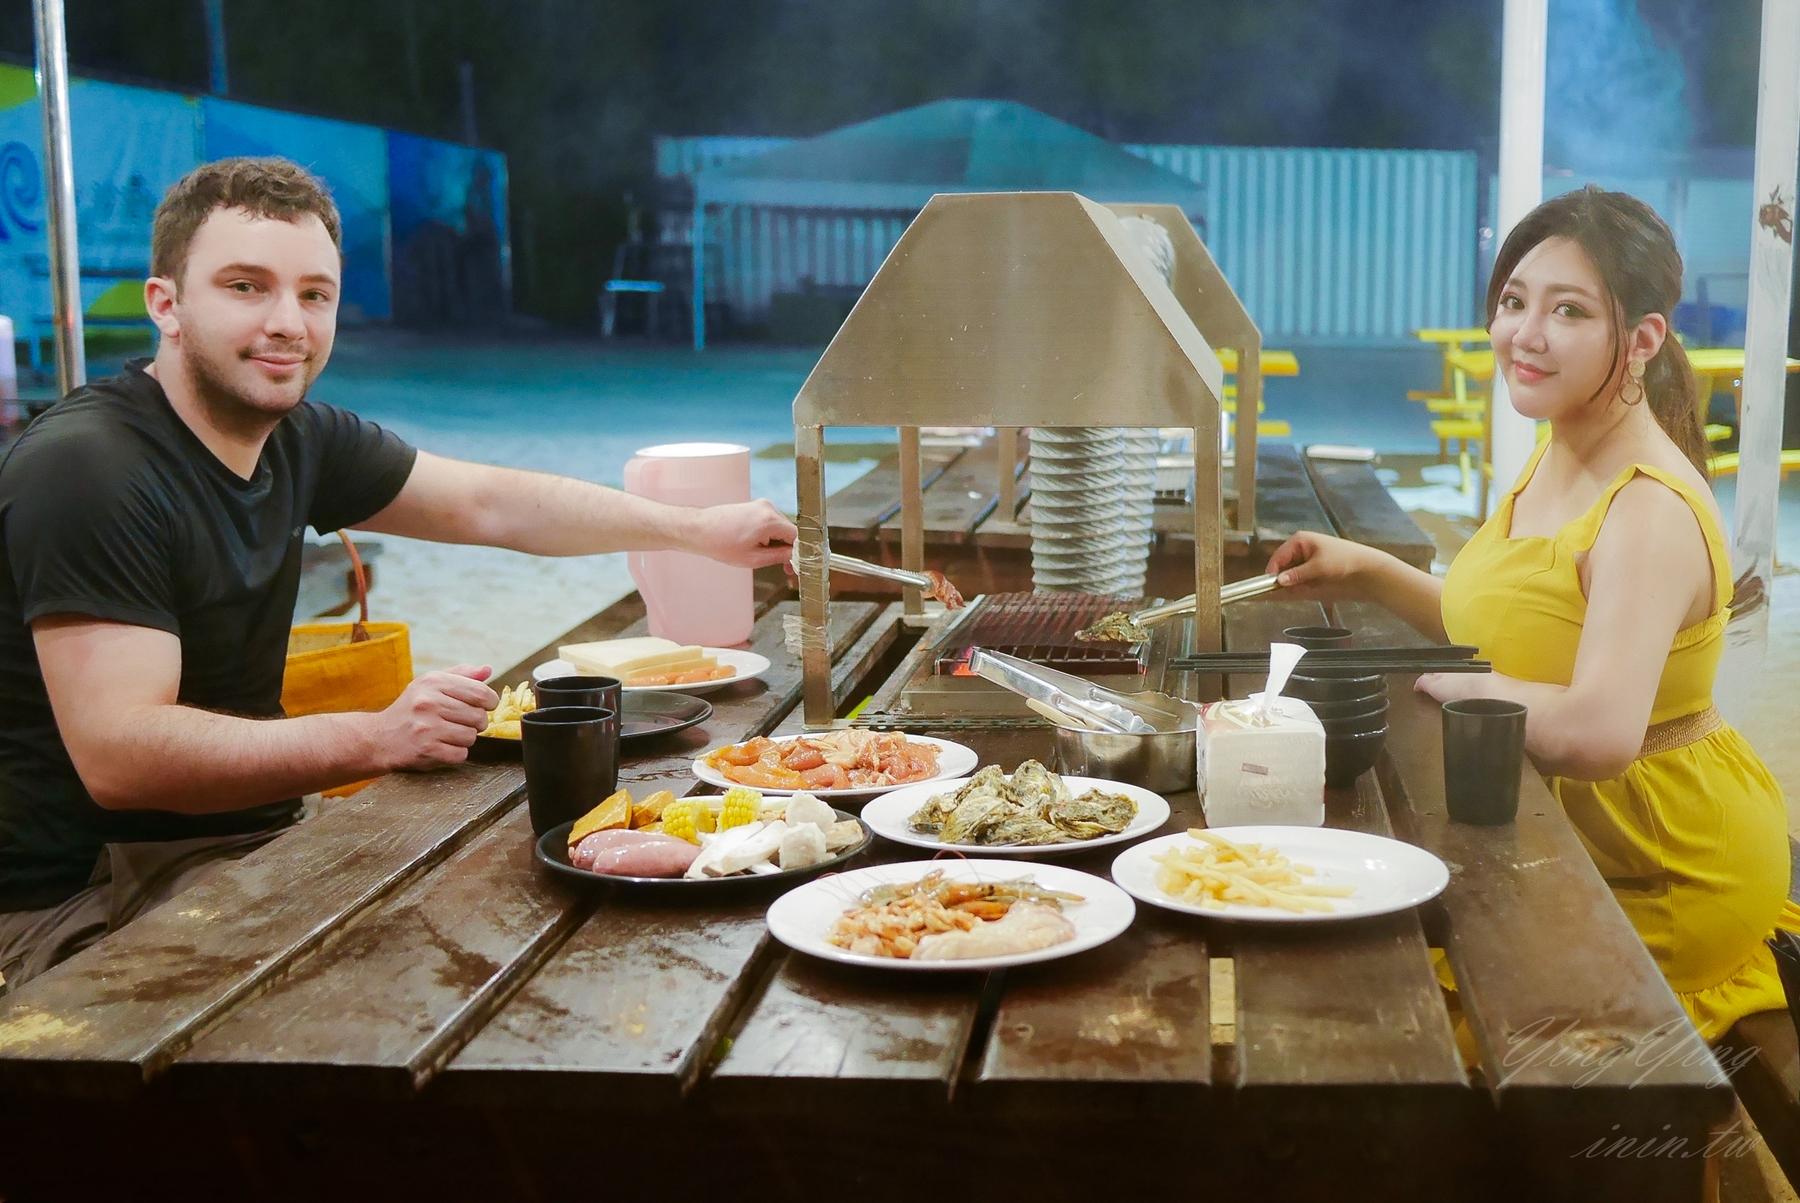 澎湖燒烤BBQ吃到飽   隘門陽光沙灘俱樂部BBQ吃到飽(送仙人掌冰棒) - 盈盈 棉花糖女孩